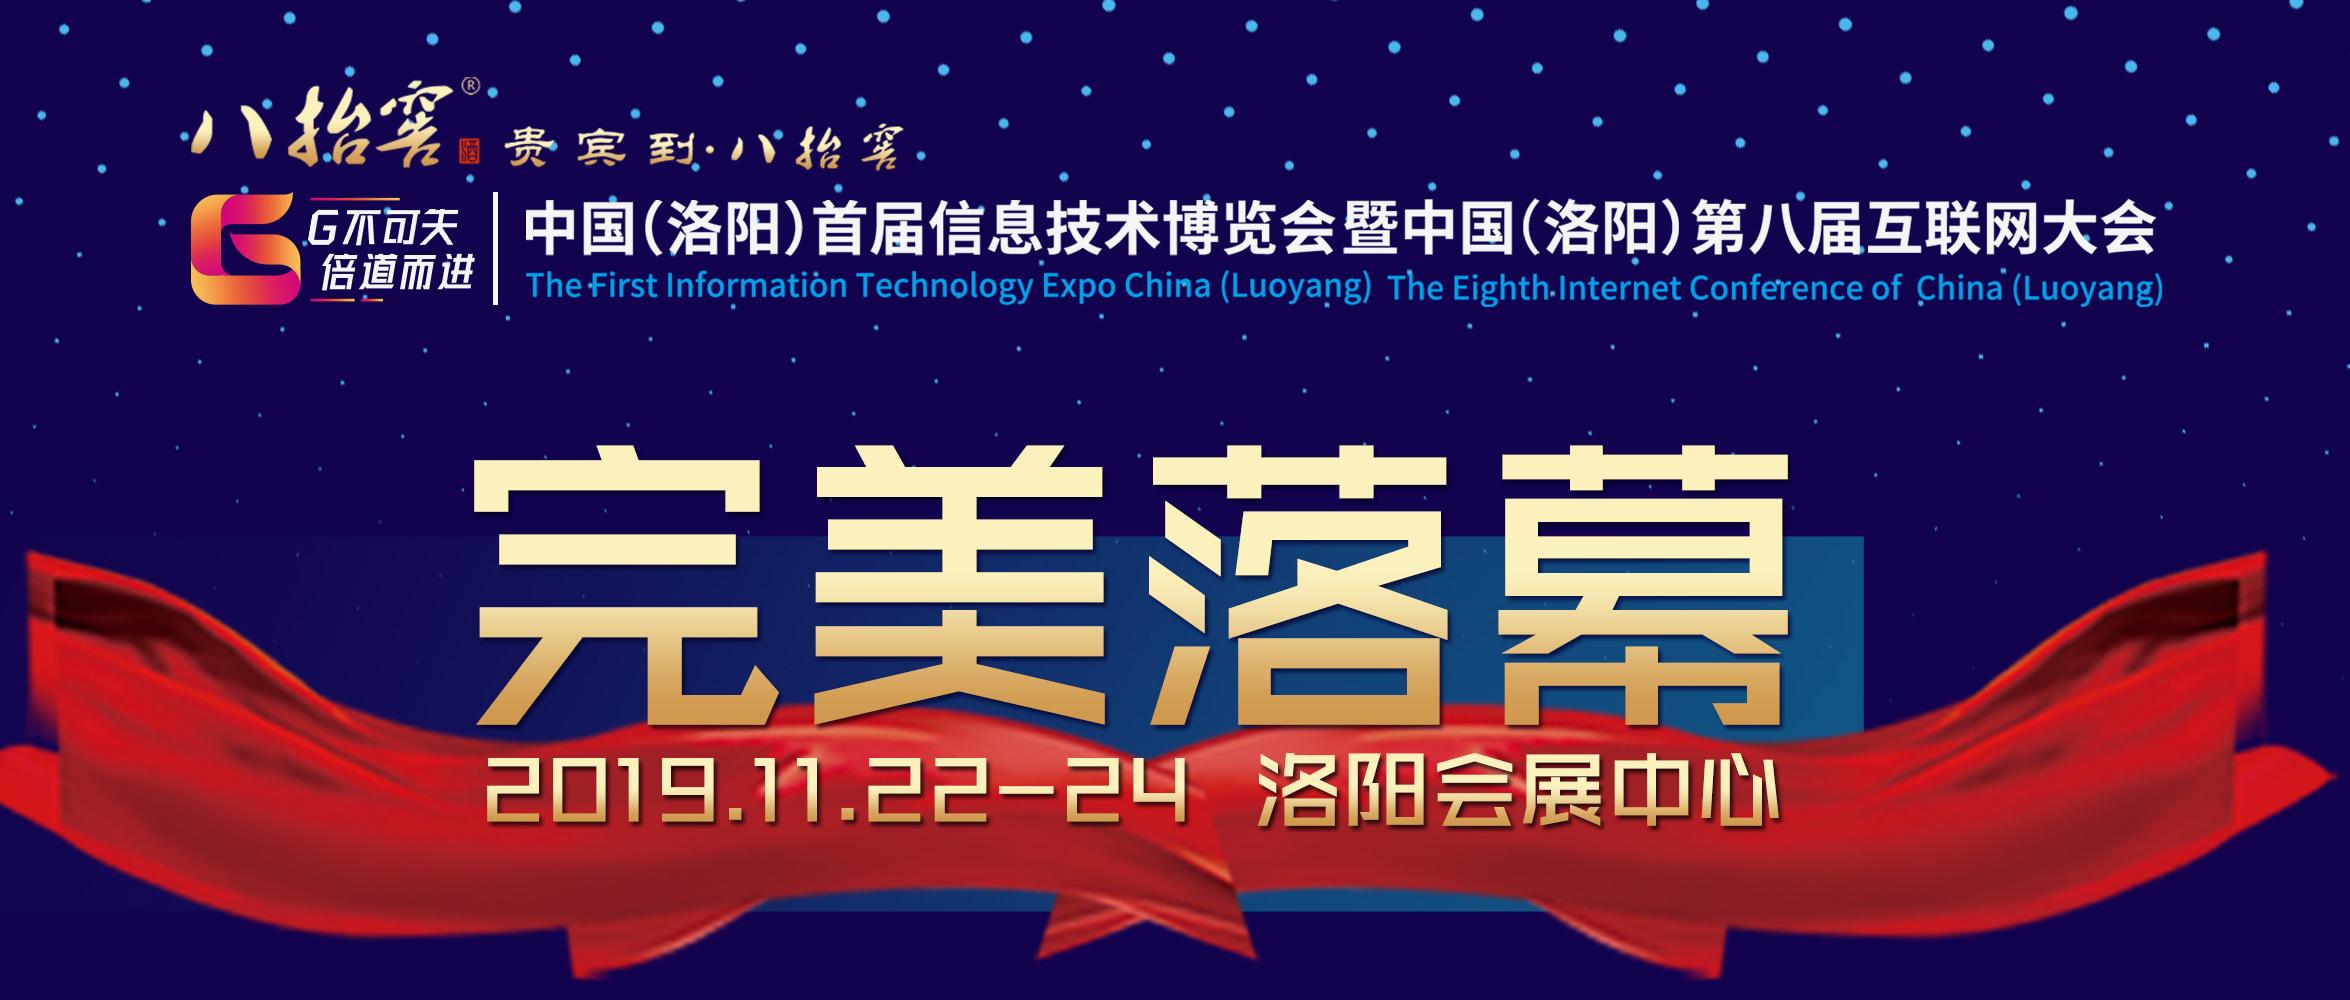 中国(洛阳)首届信息技术博览会暨中国(洛阳)第八届互联网大会完美落幕!